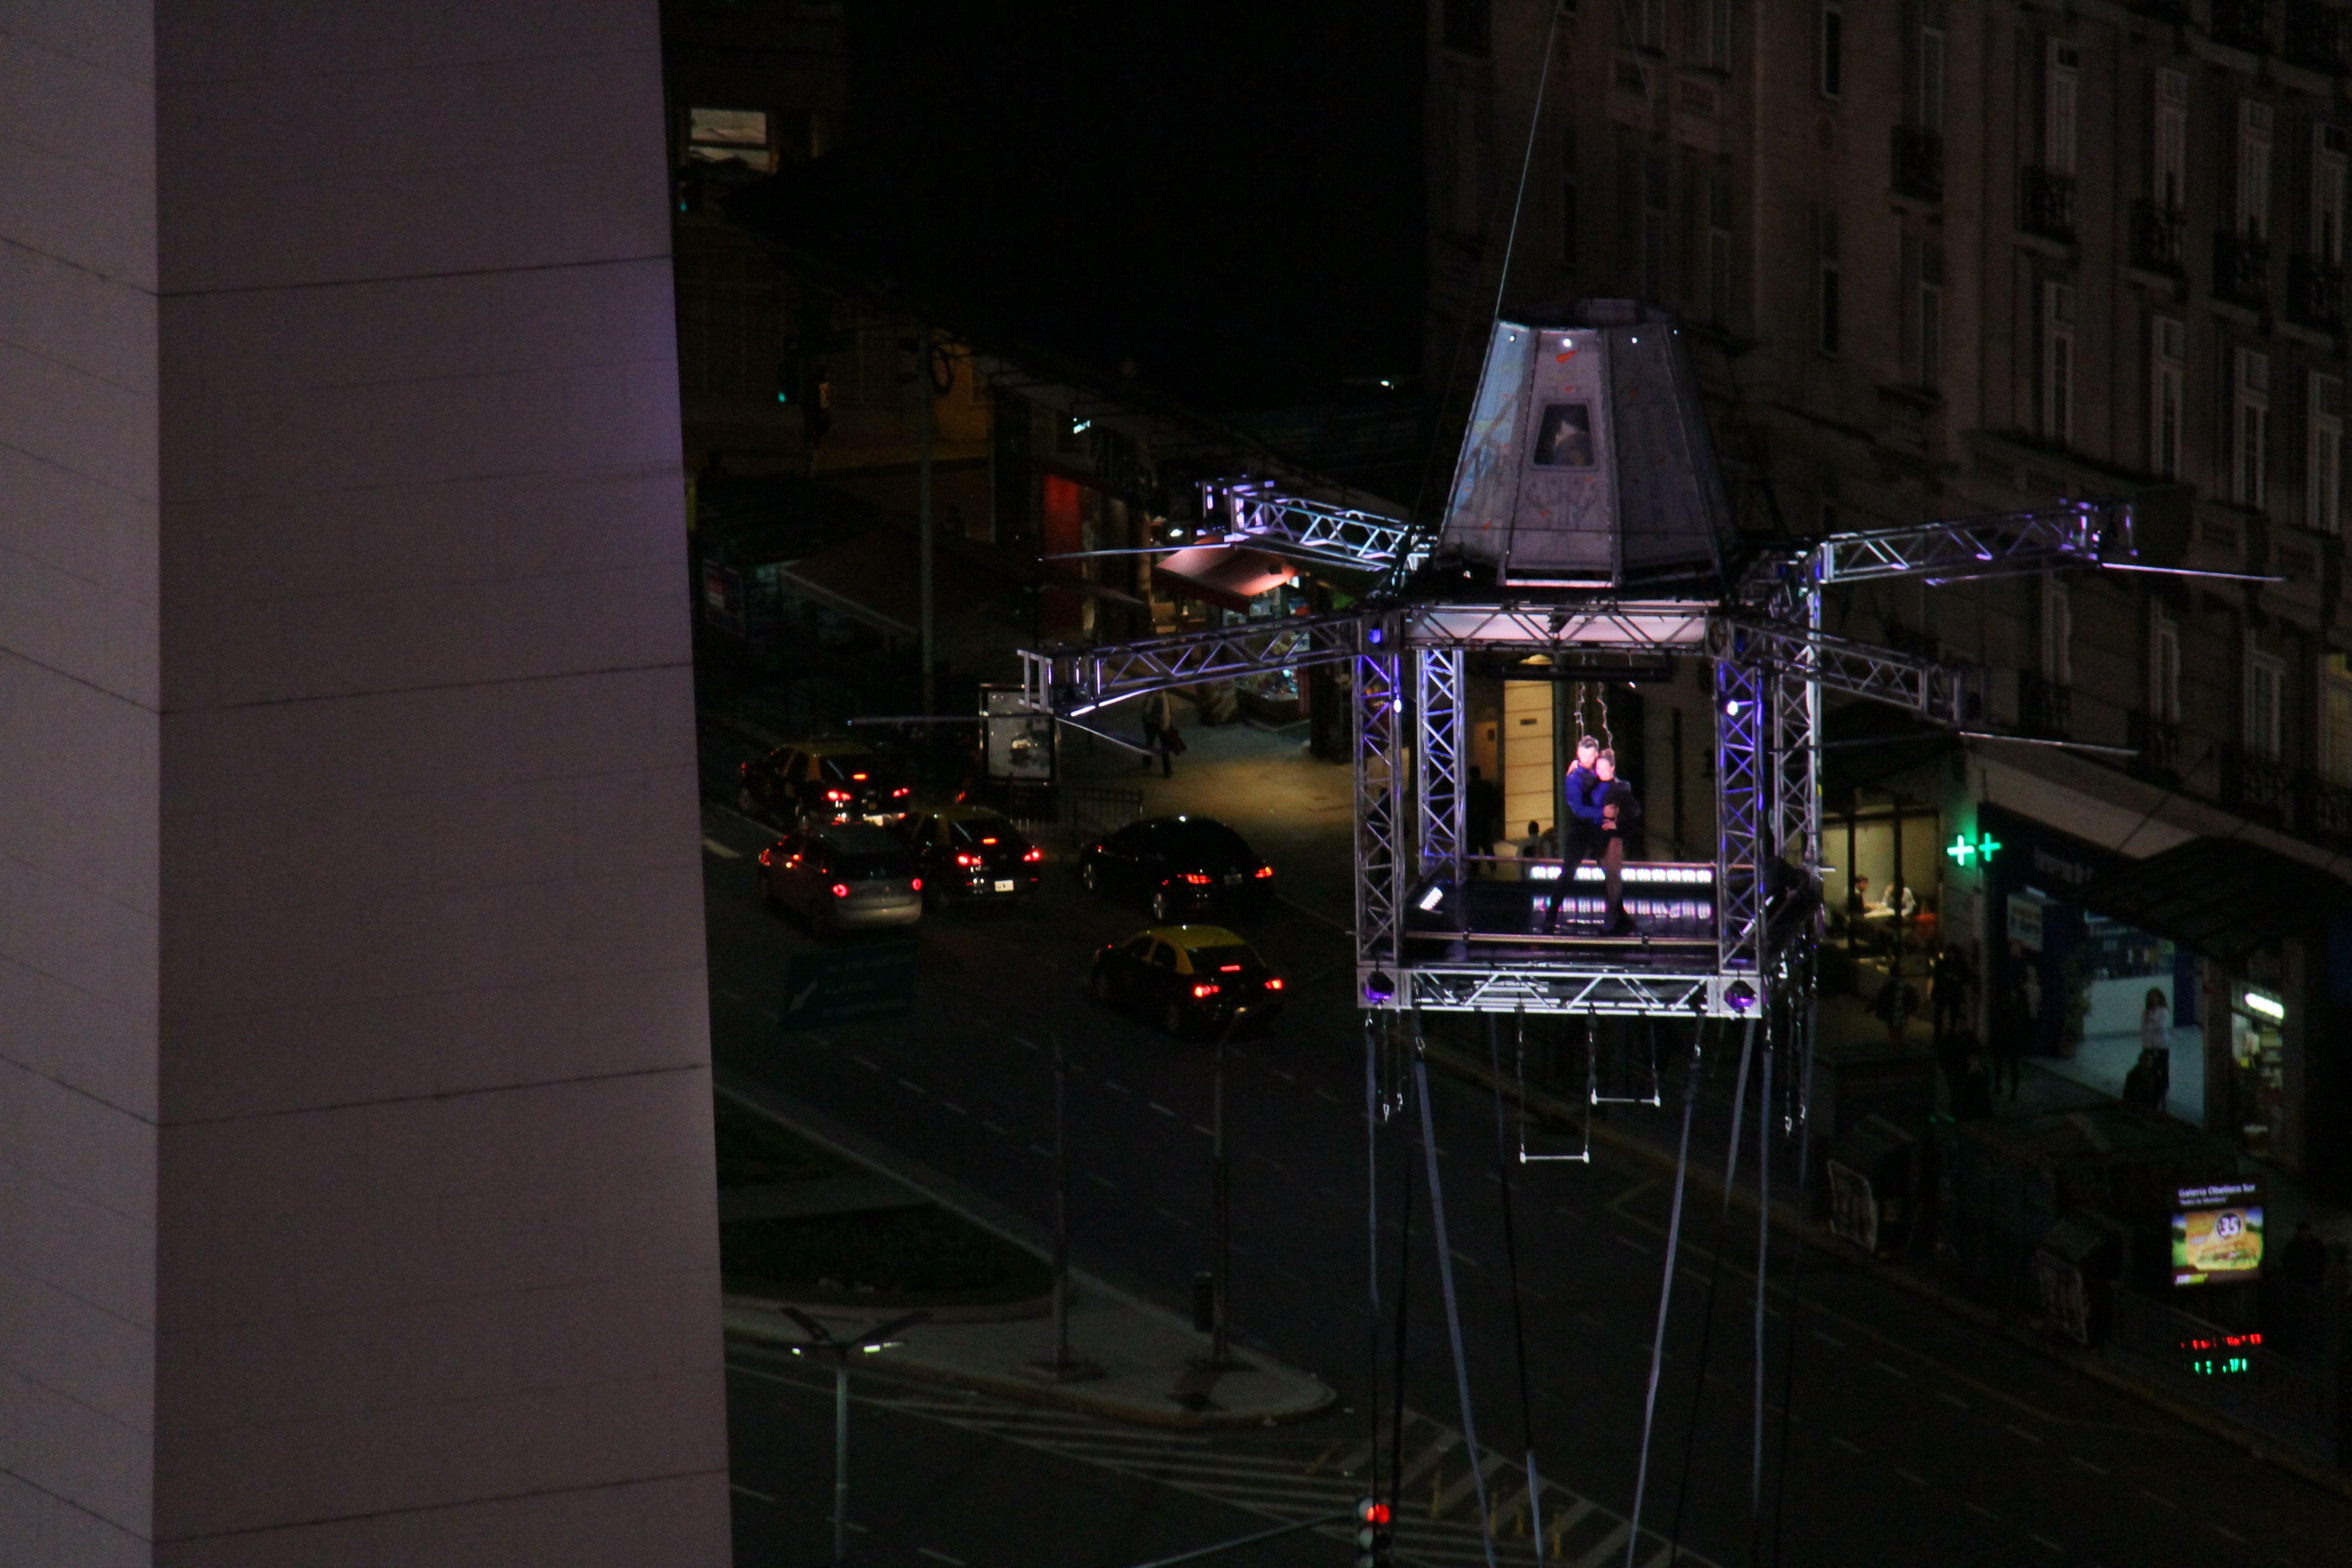 El récord Guinness que rompió Showmatch 2016 en su apertura